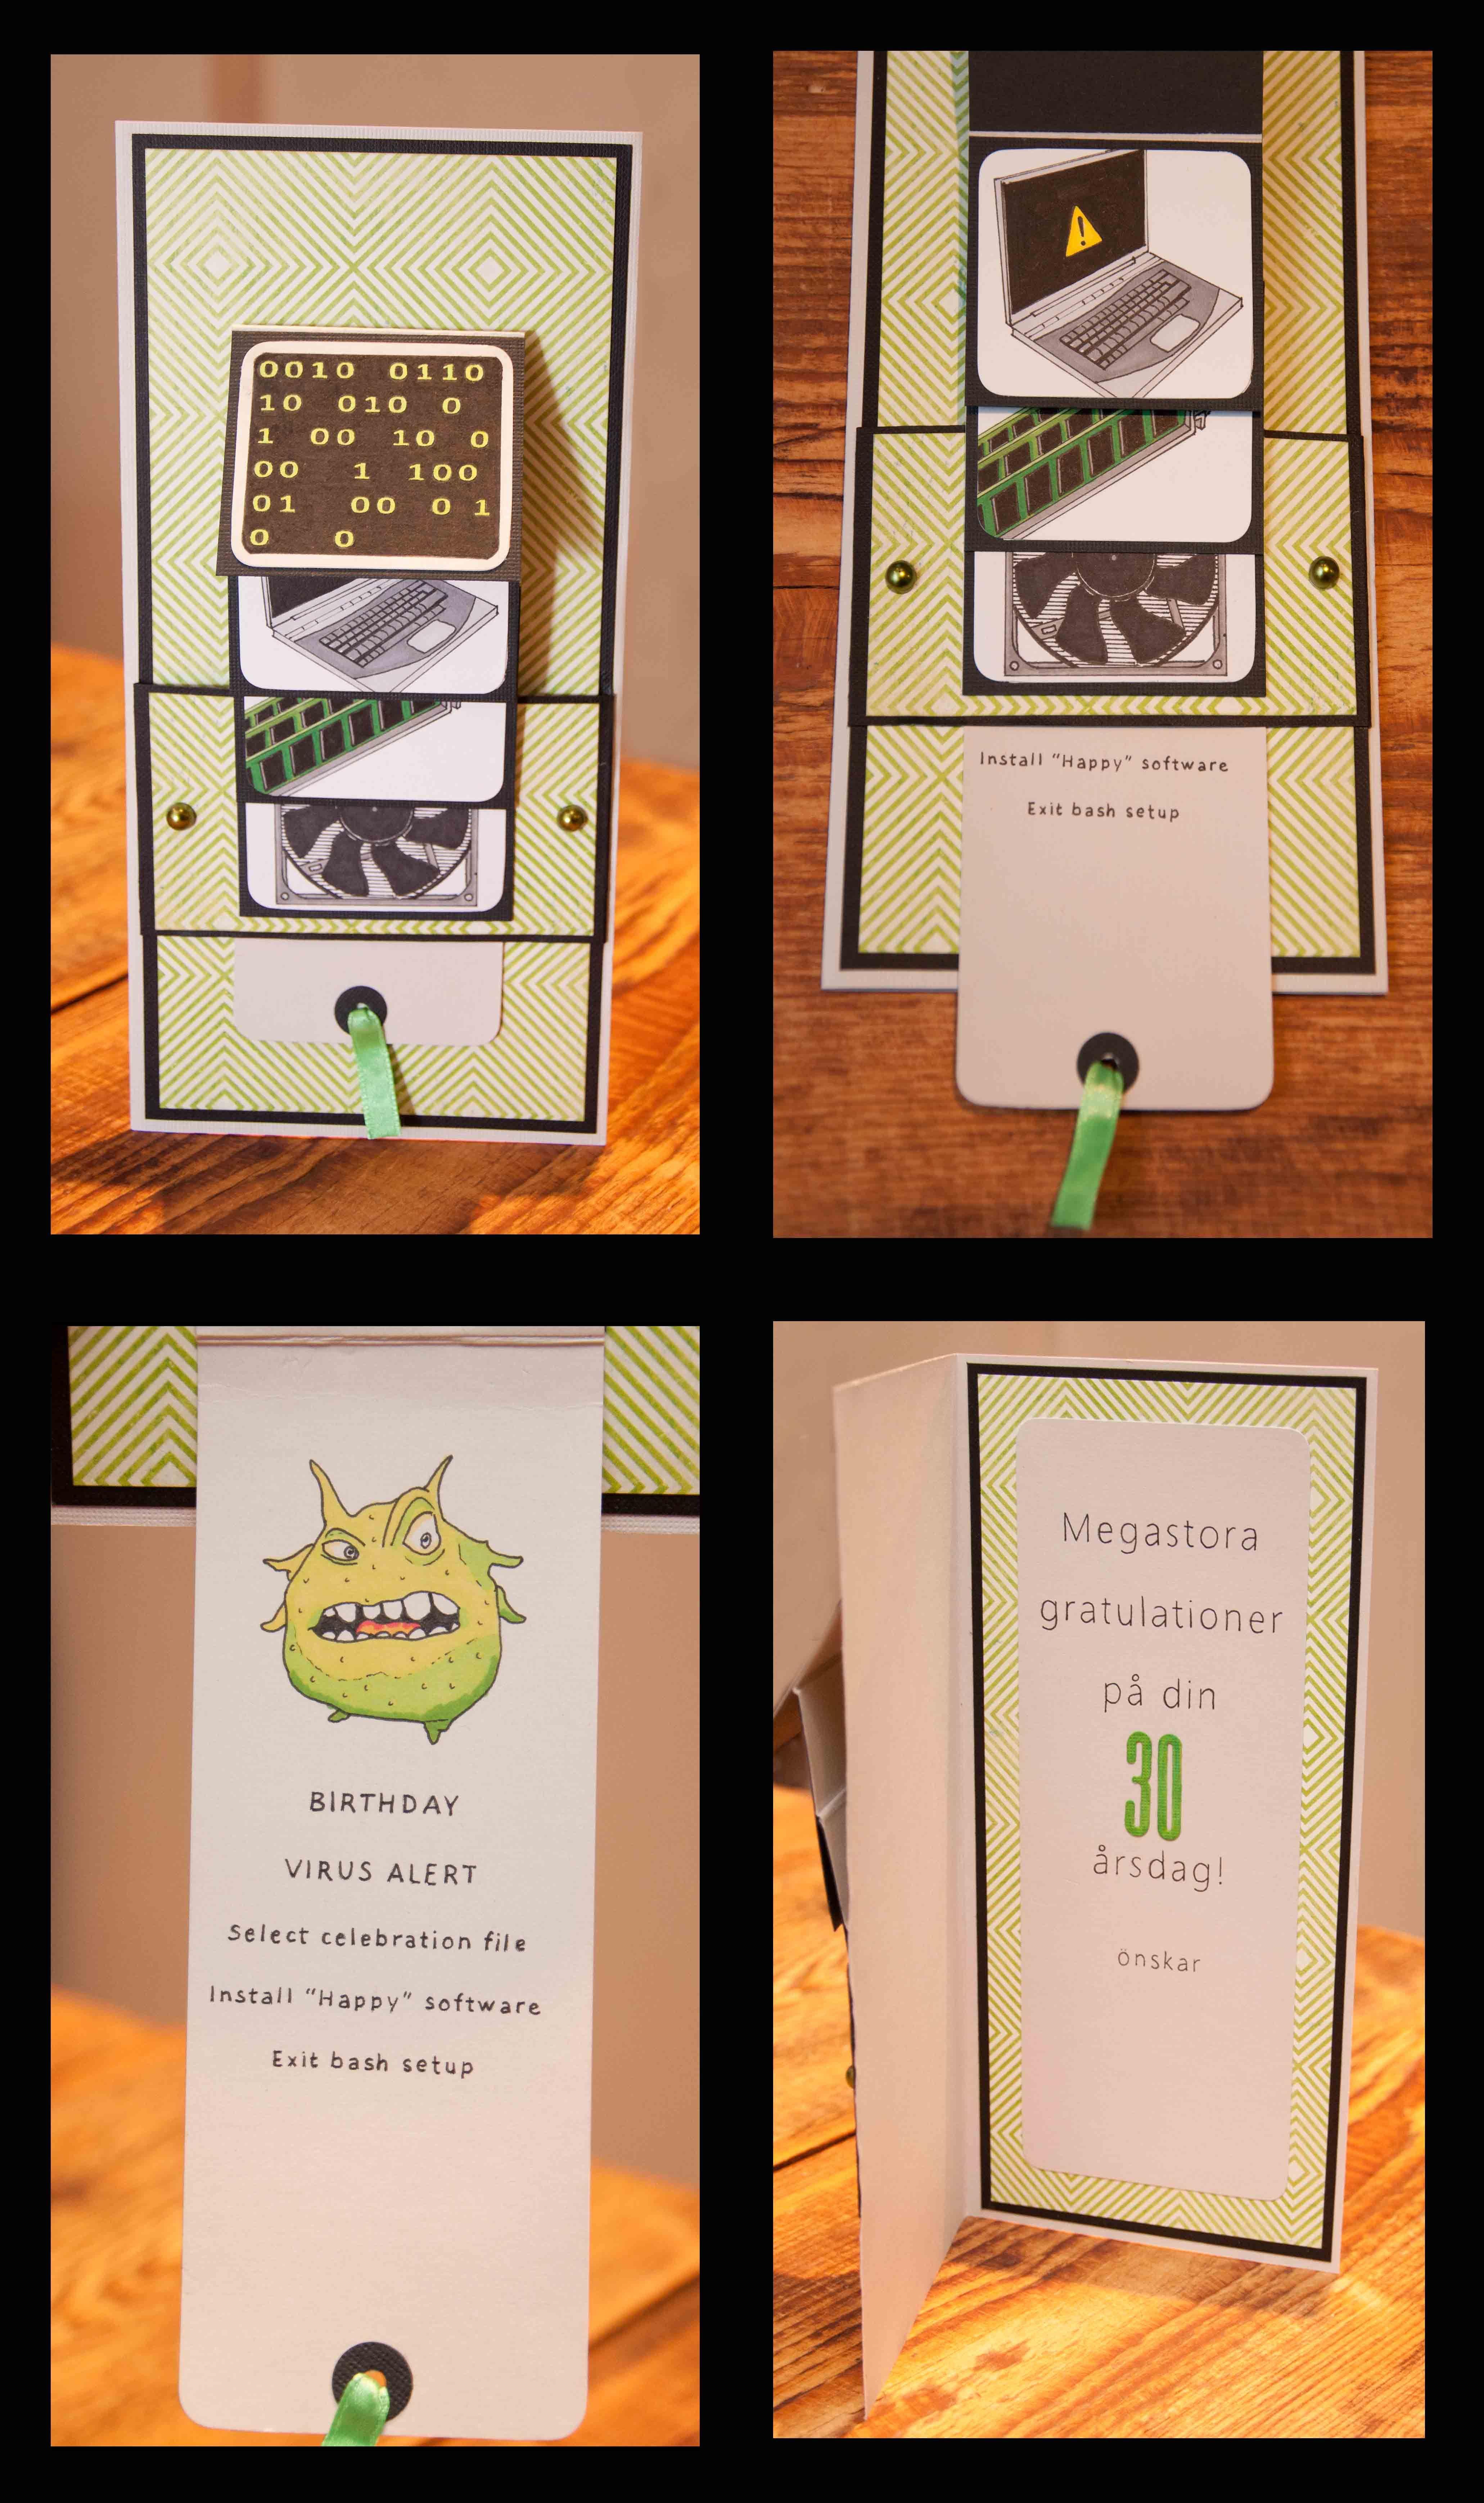 födelsedagskort 30 Scrapbooking. Vattenfall födelsedagskort till en 30 åring som  födelsedagskort 30